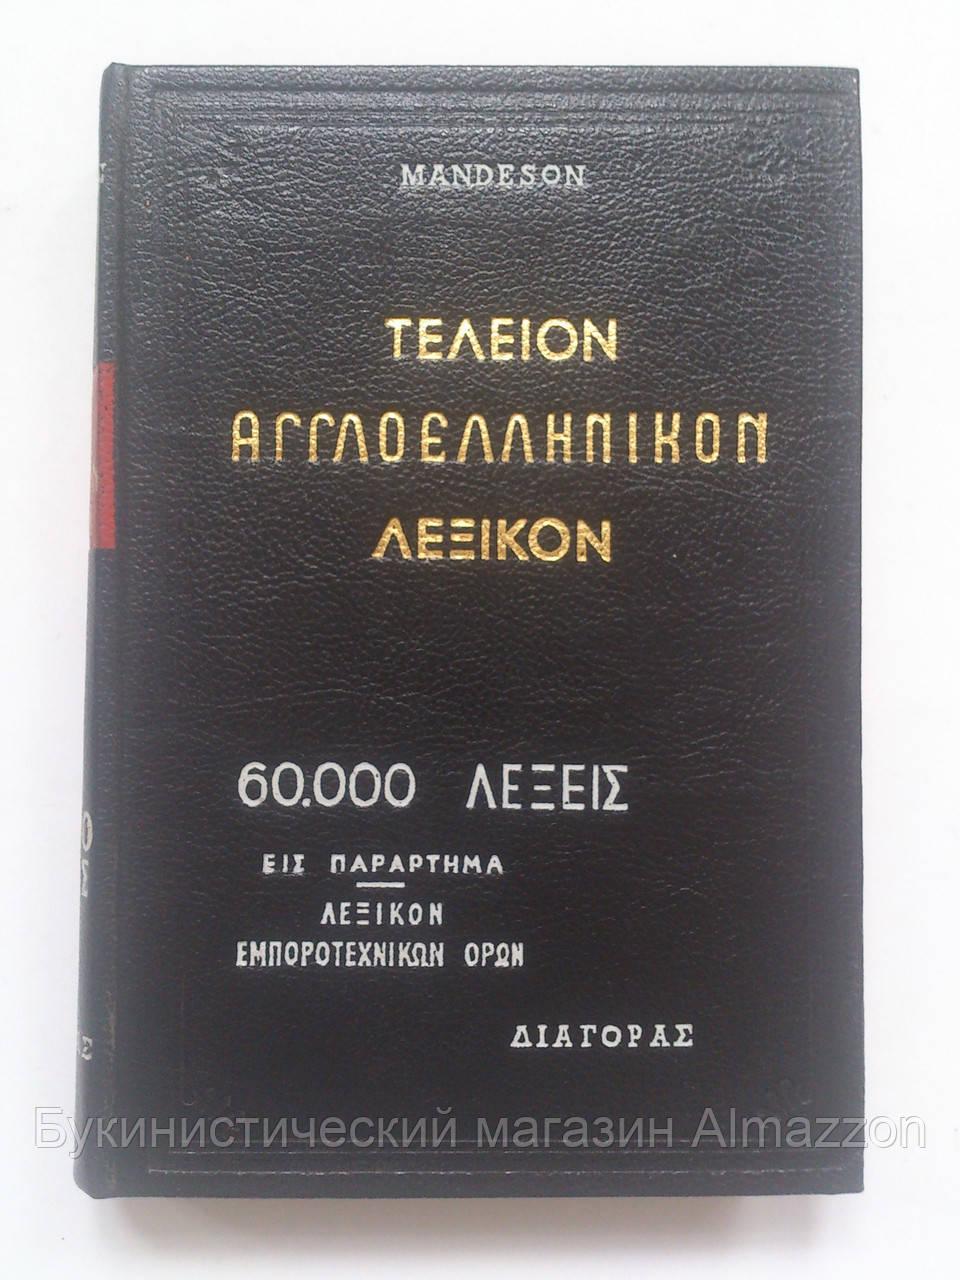 Англо-греческий словарь (English-greek dictionary) Mandeson, фото 1